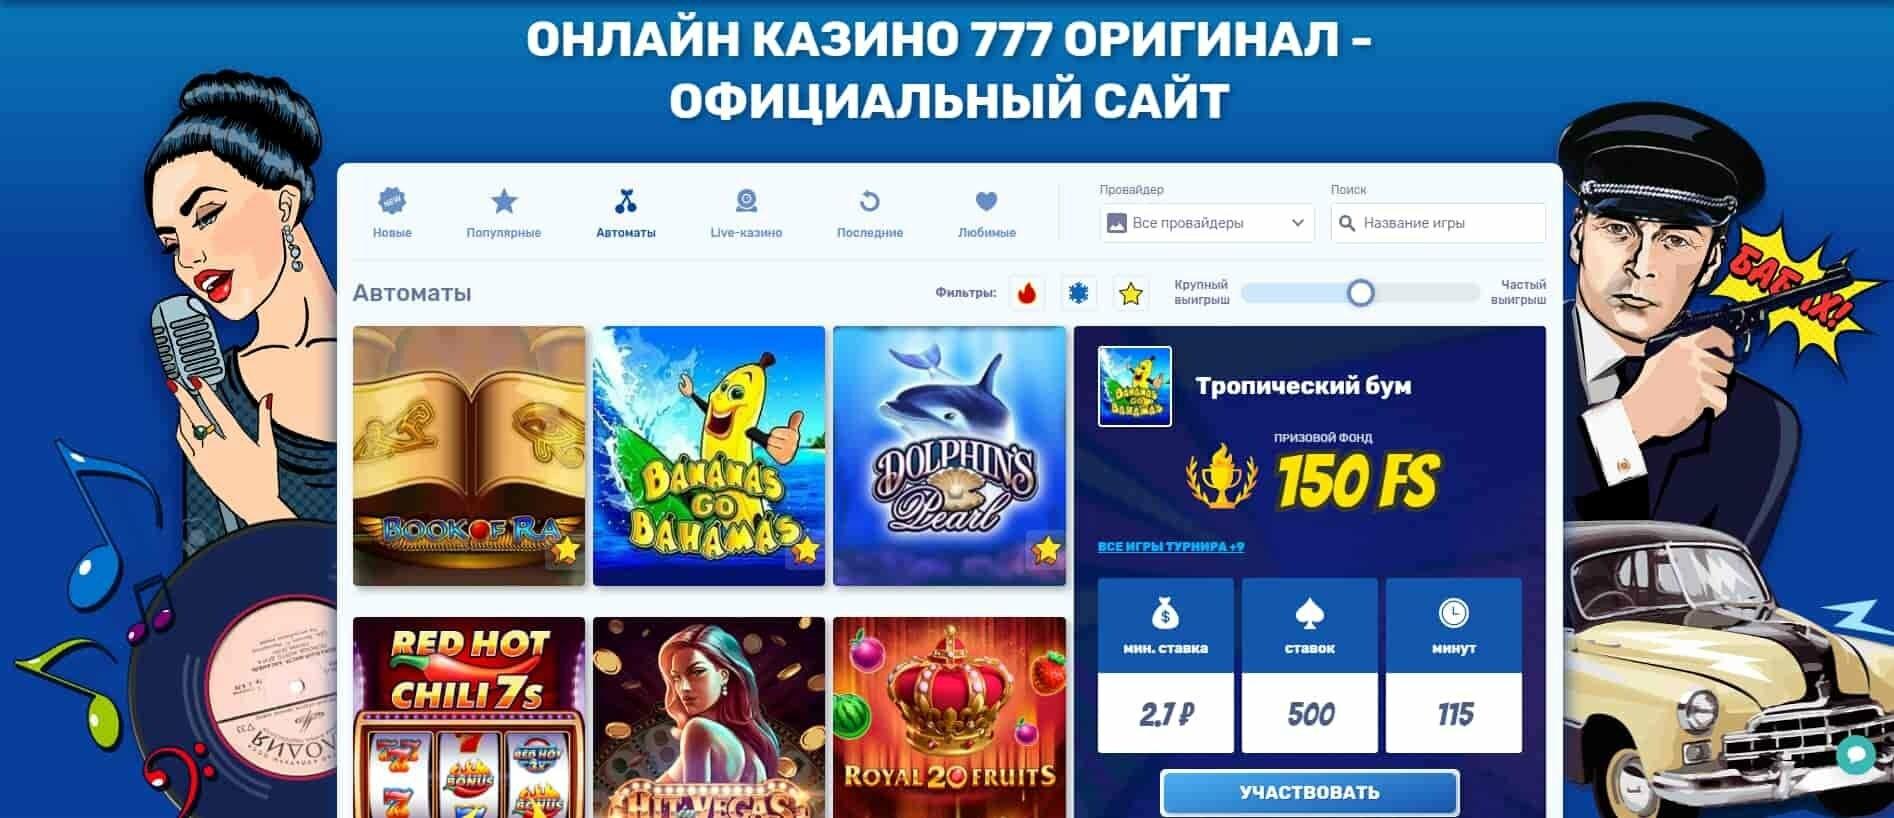 Игровые автоматы онлайн бонус при регистрации психология игры покер онлайн